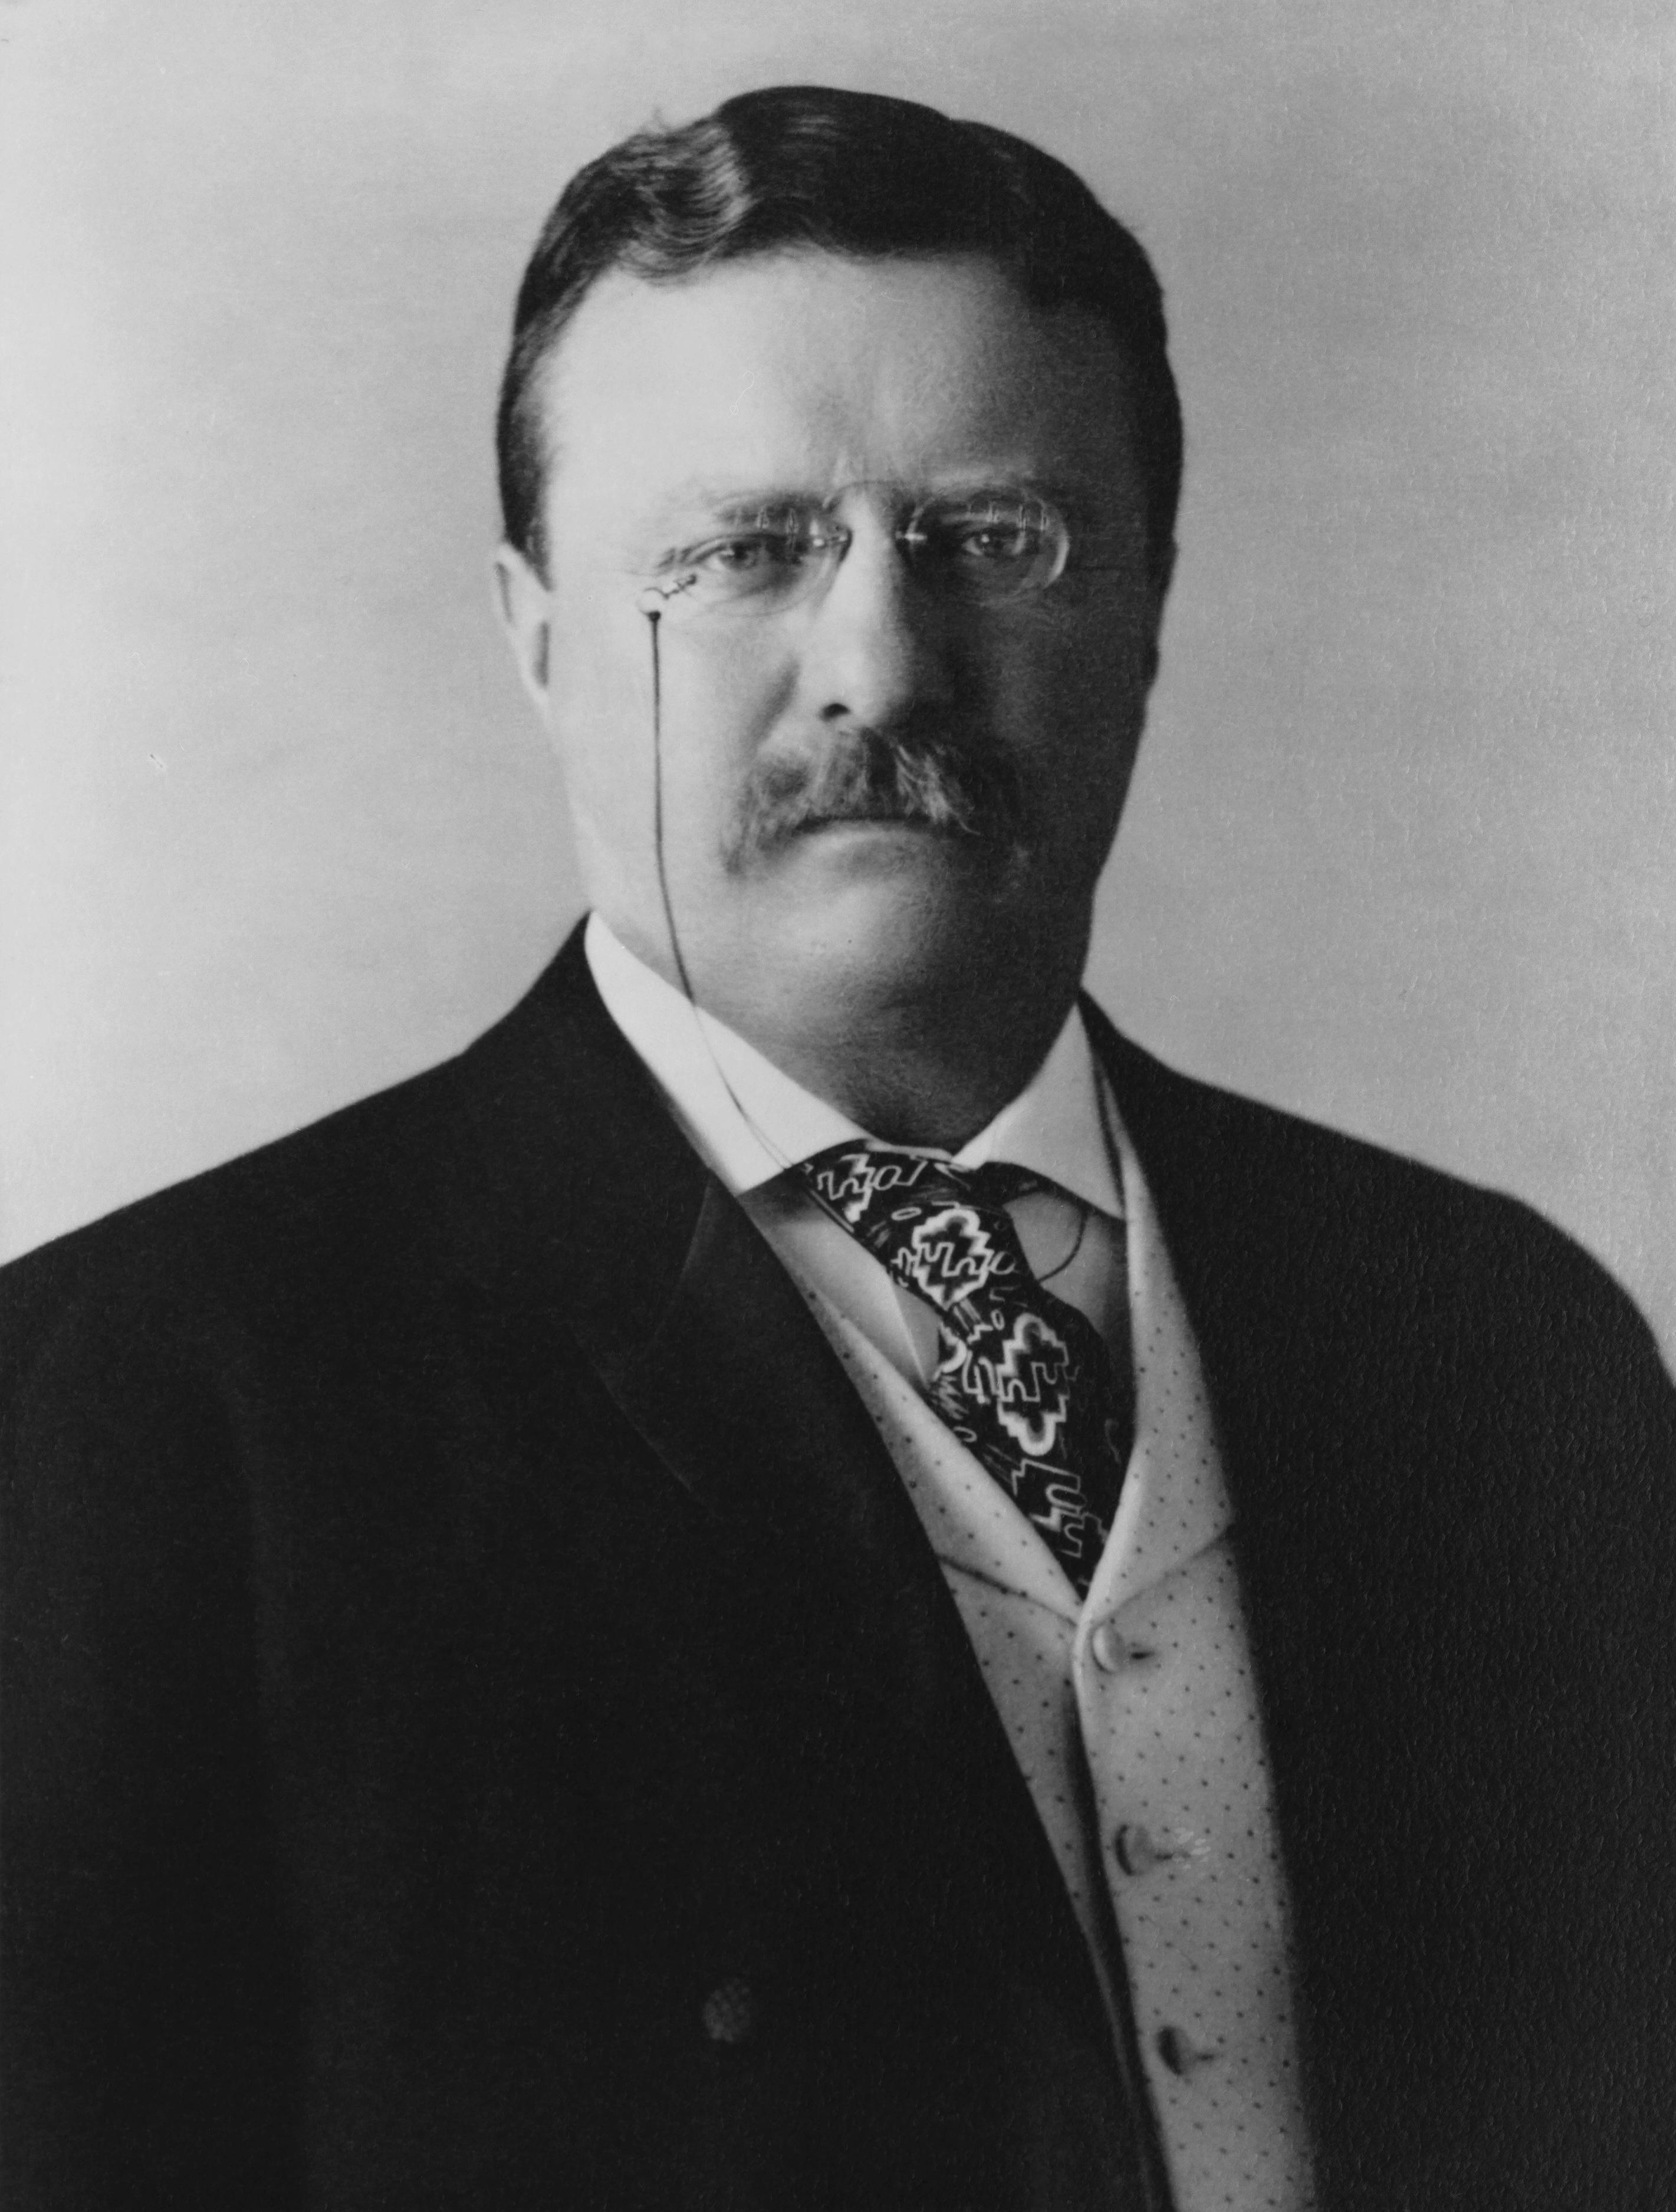 Theodore Roosevelt, presidente de Estados Unidos entre 1901 y 1909.